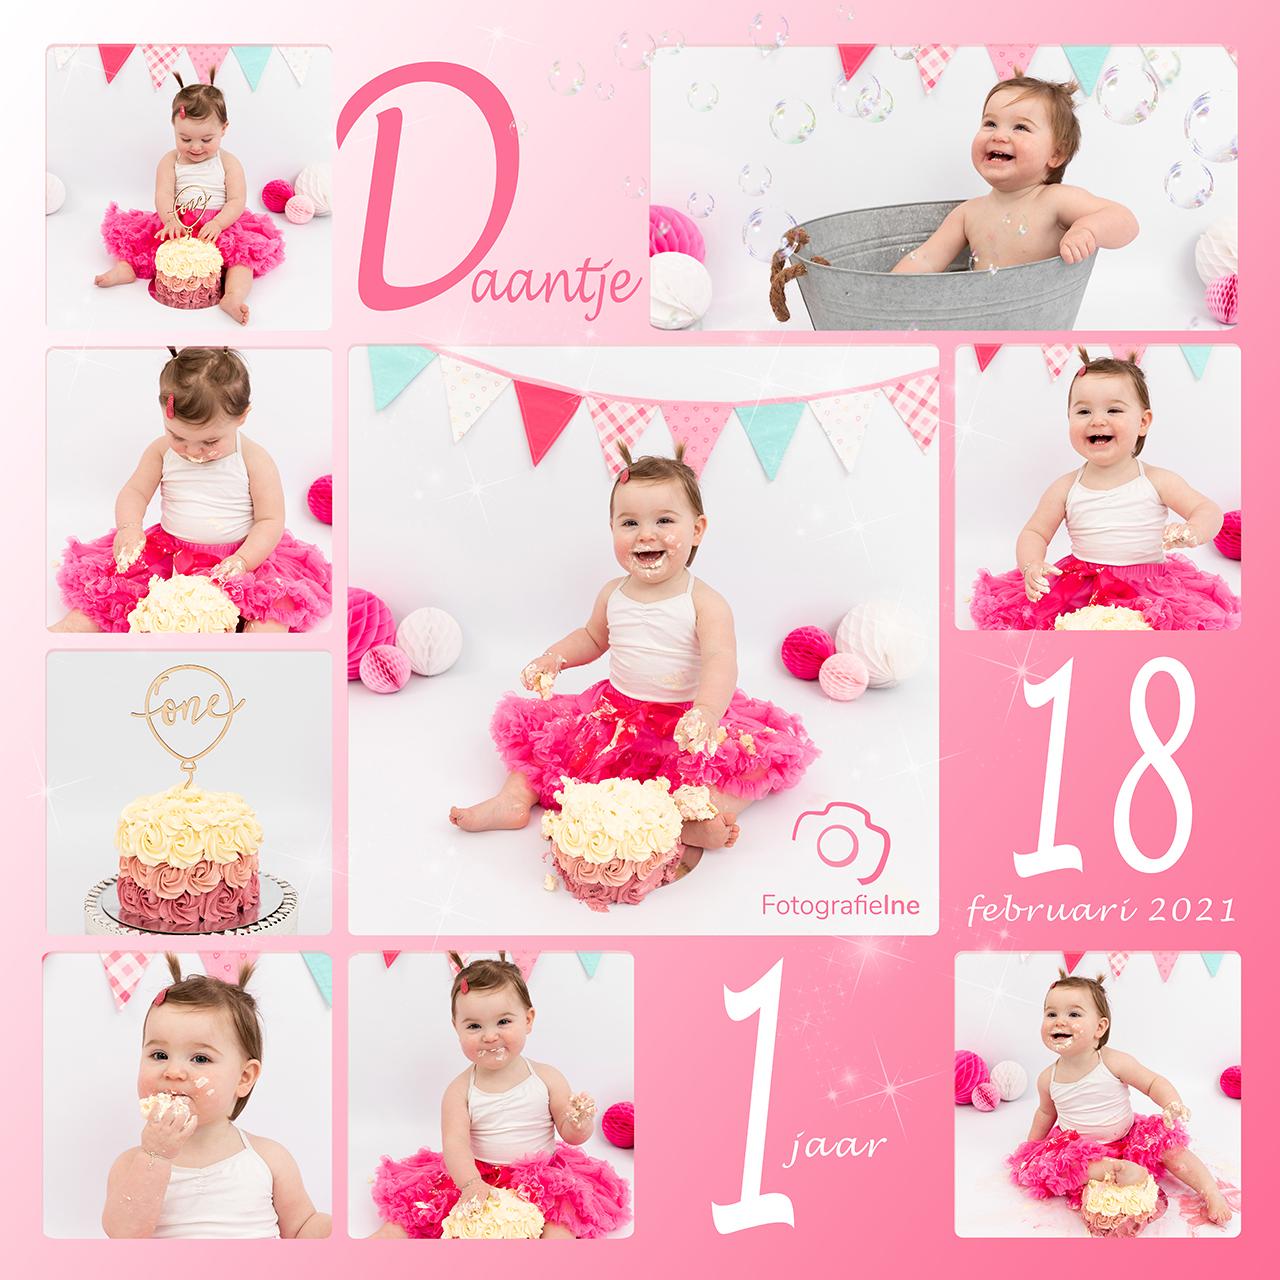 Fotografie Ine collage cakesmash Daantje met logo roze rustige achtergrond